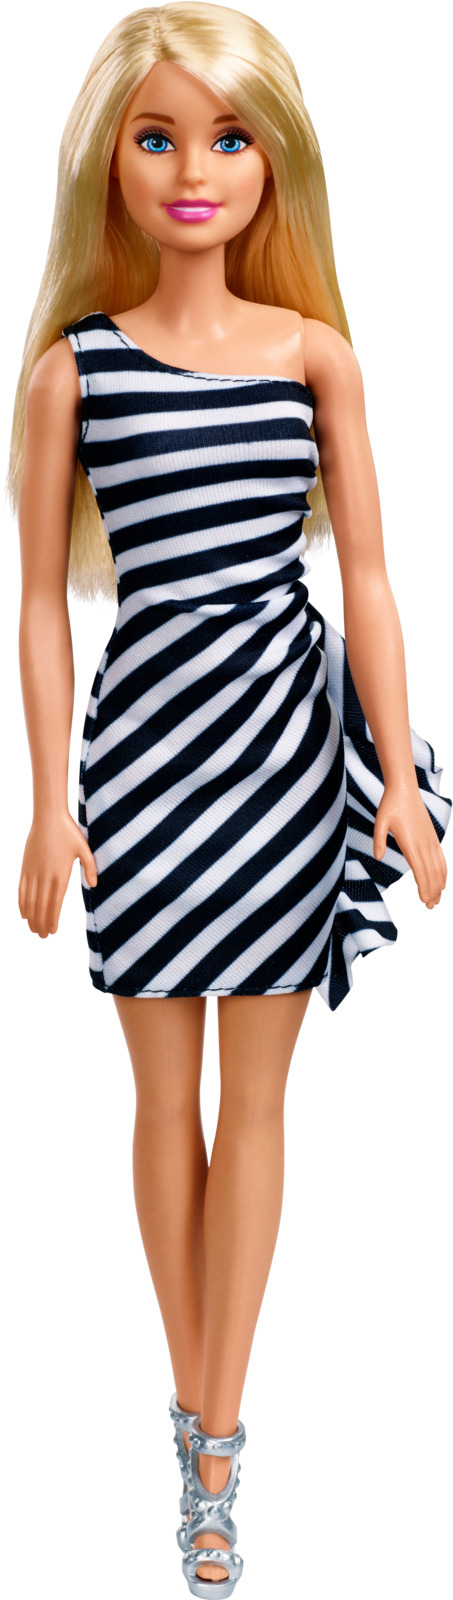 Barbie Кукла Блондинка Сияние моды цвет платья в полоску (черная, белая)